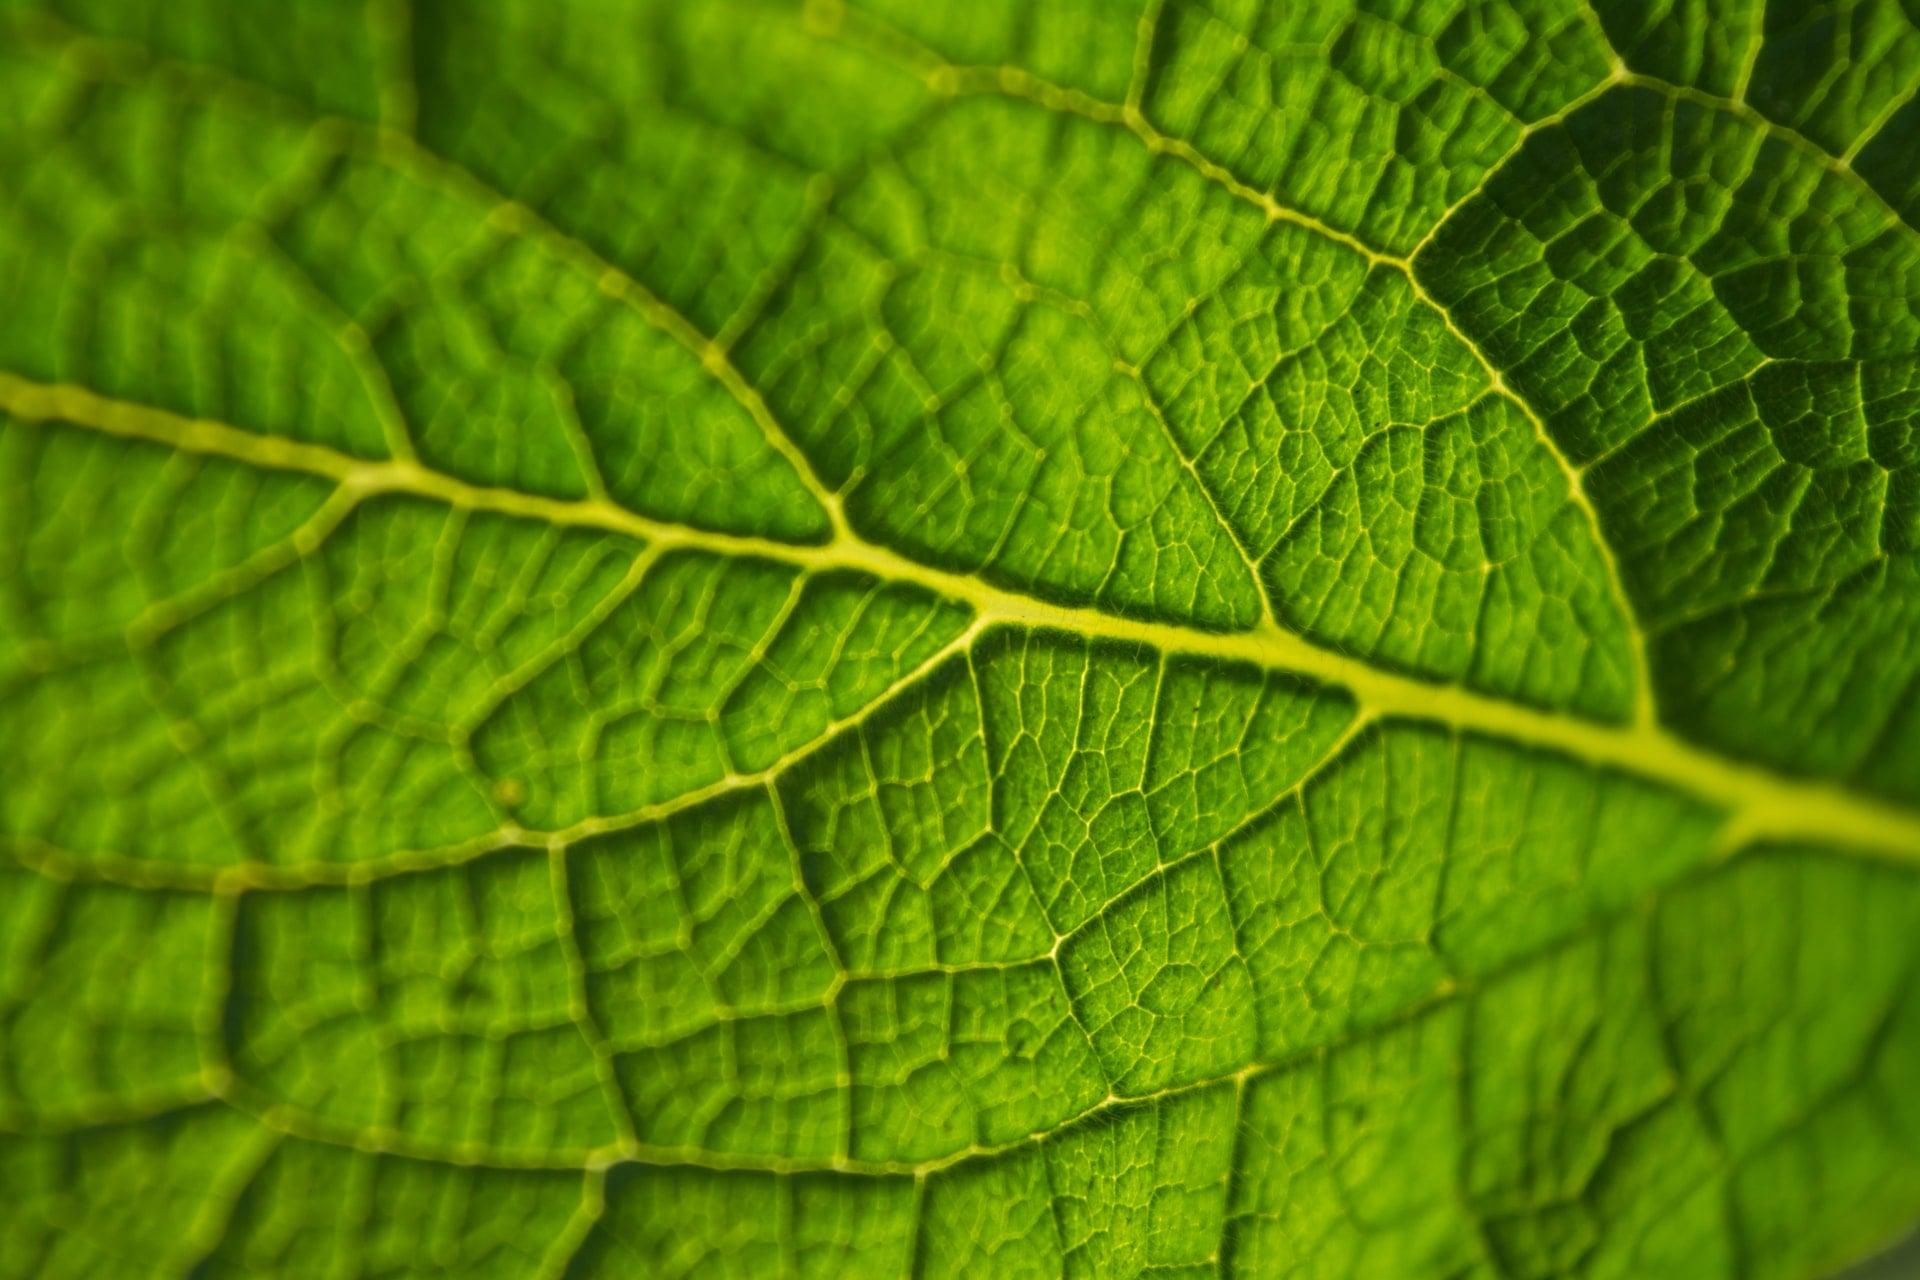 une feuille verte produisant de la photosynthèse